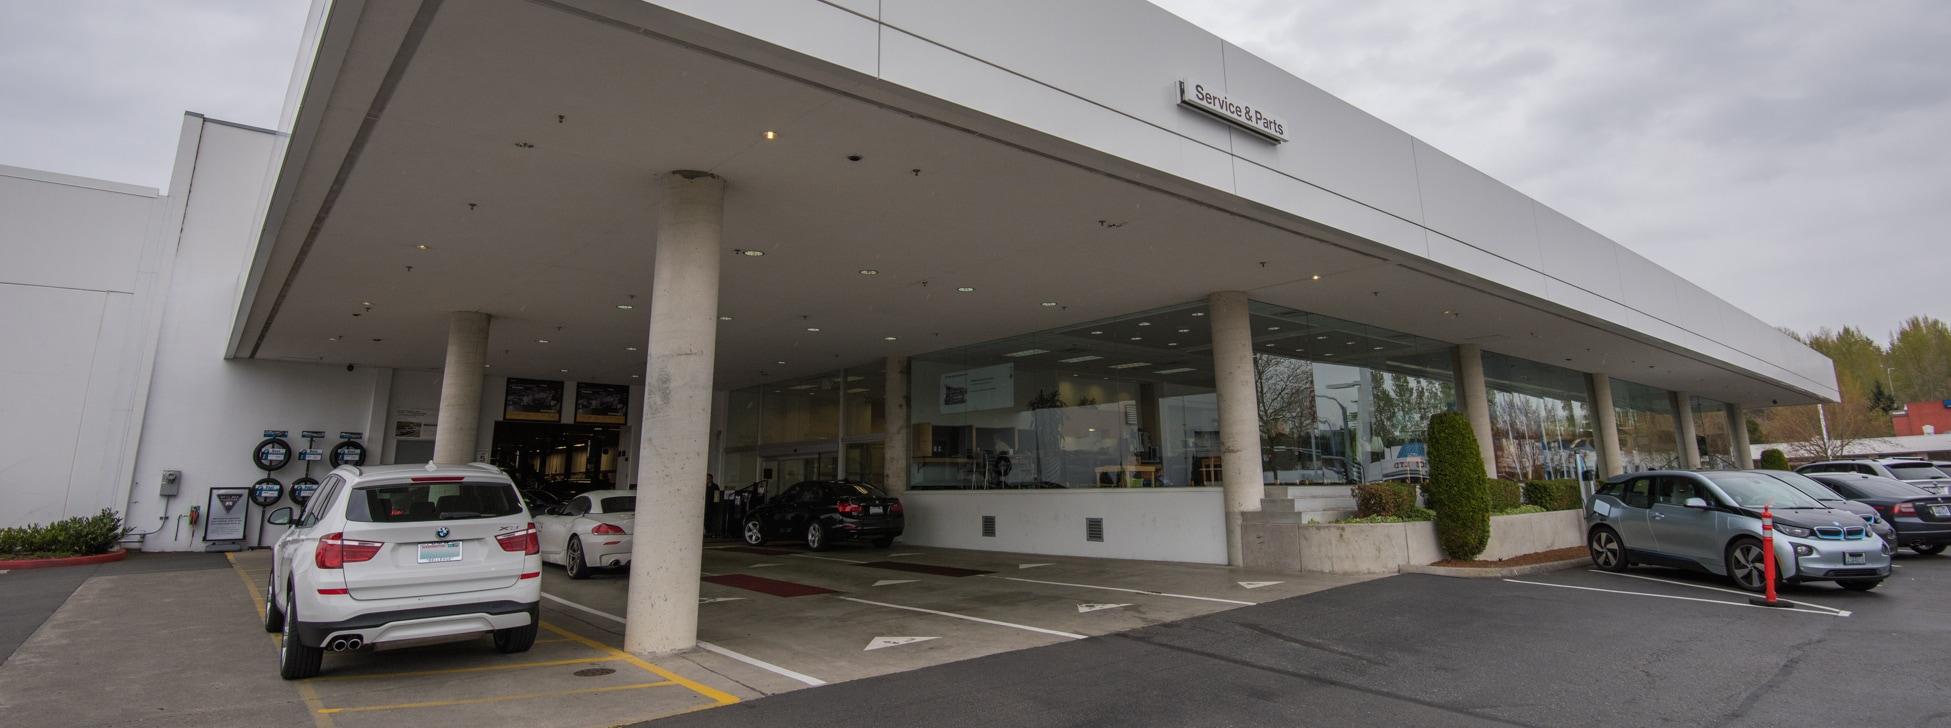 BMW Service Center Bellevue WA  BMW of Bellevue